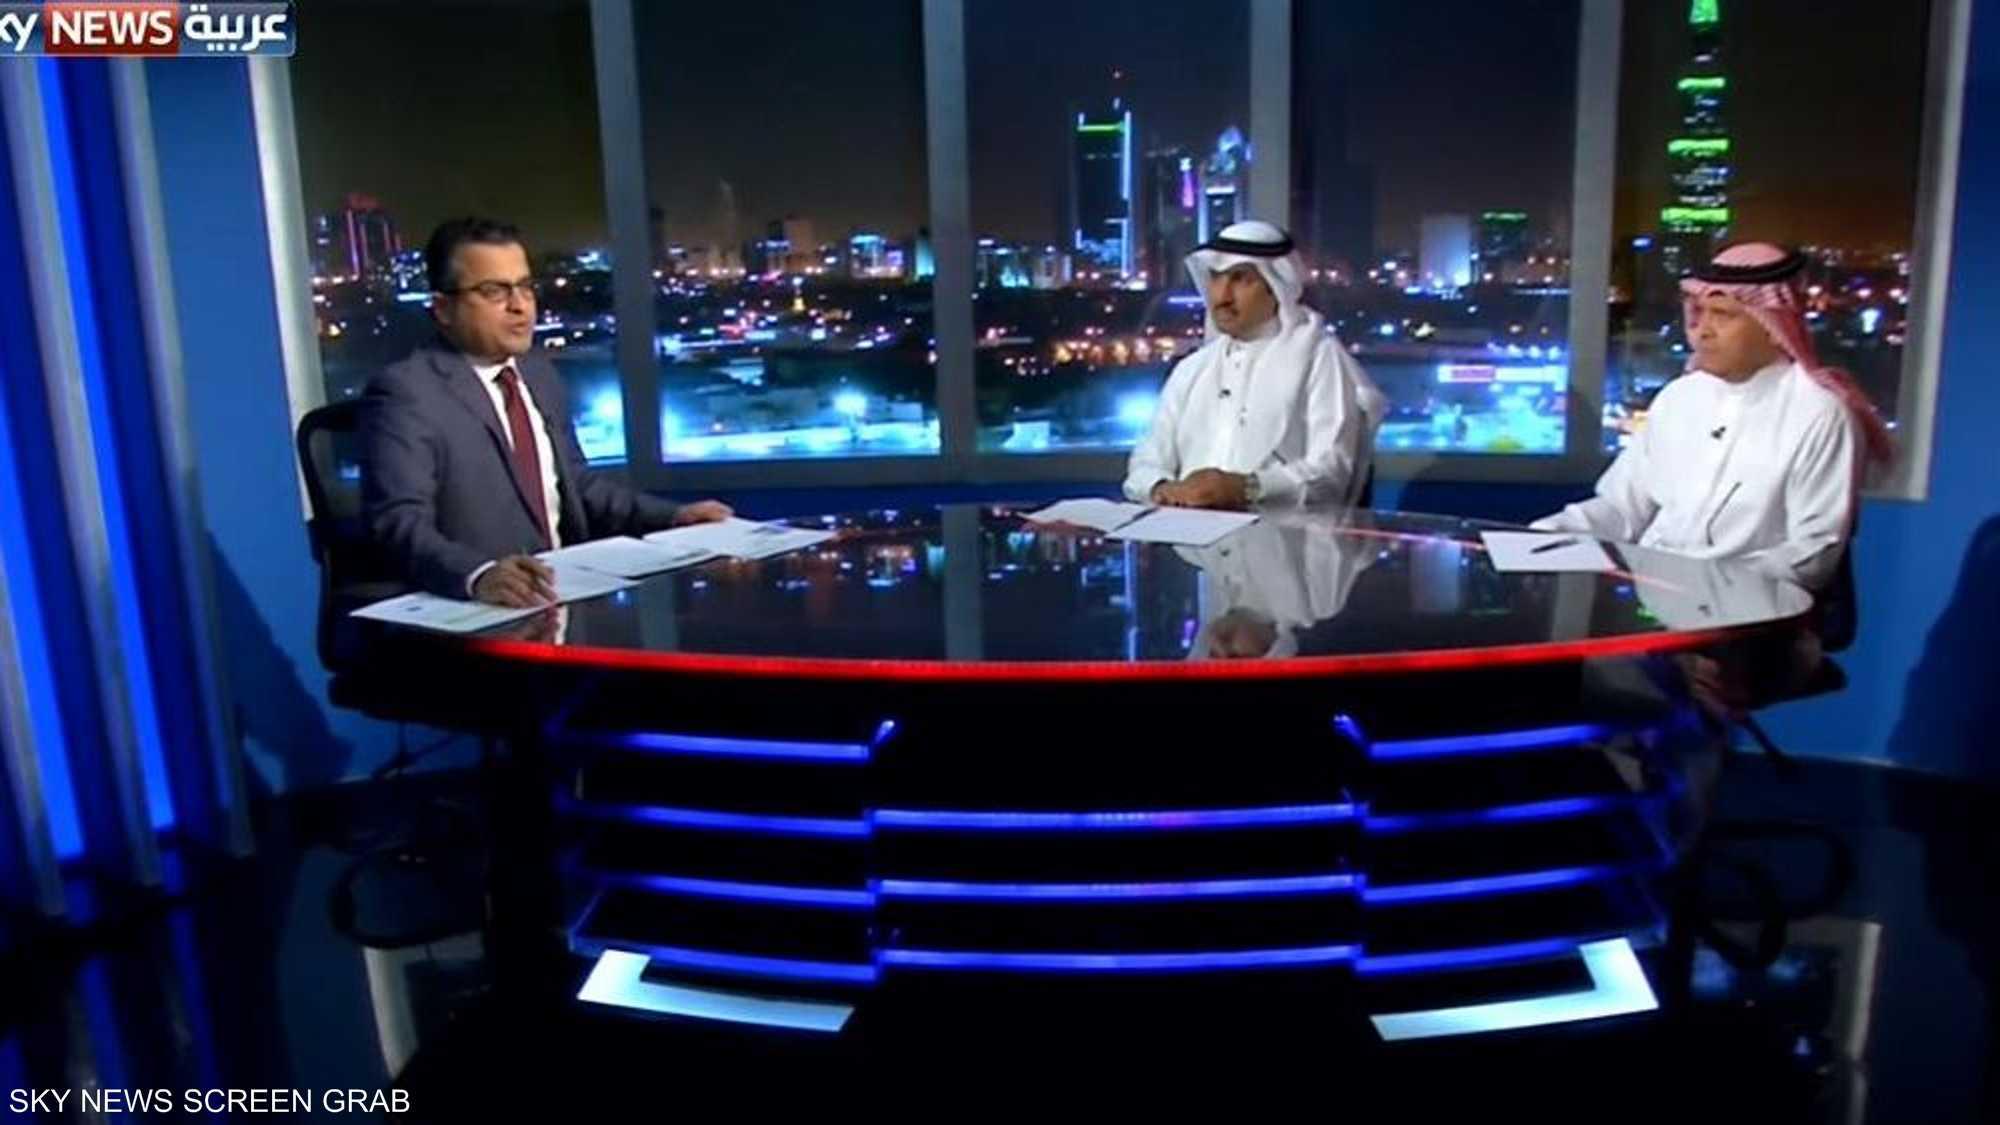 السعودية.. استعداد دائم في مواجهة التطرف والإرهاب